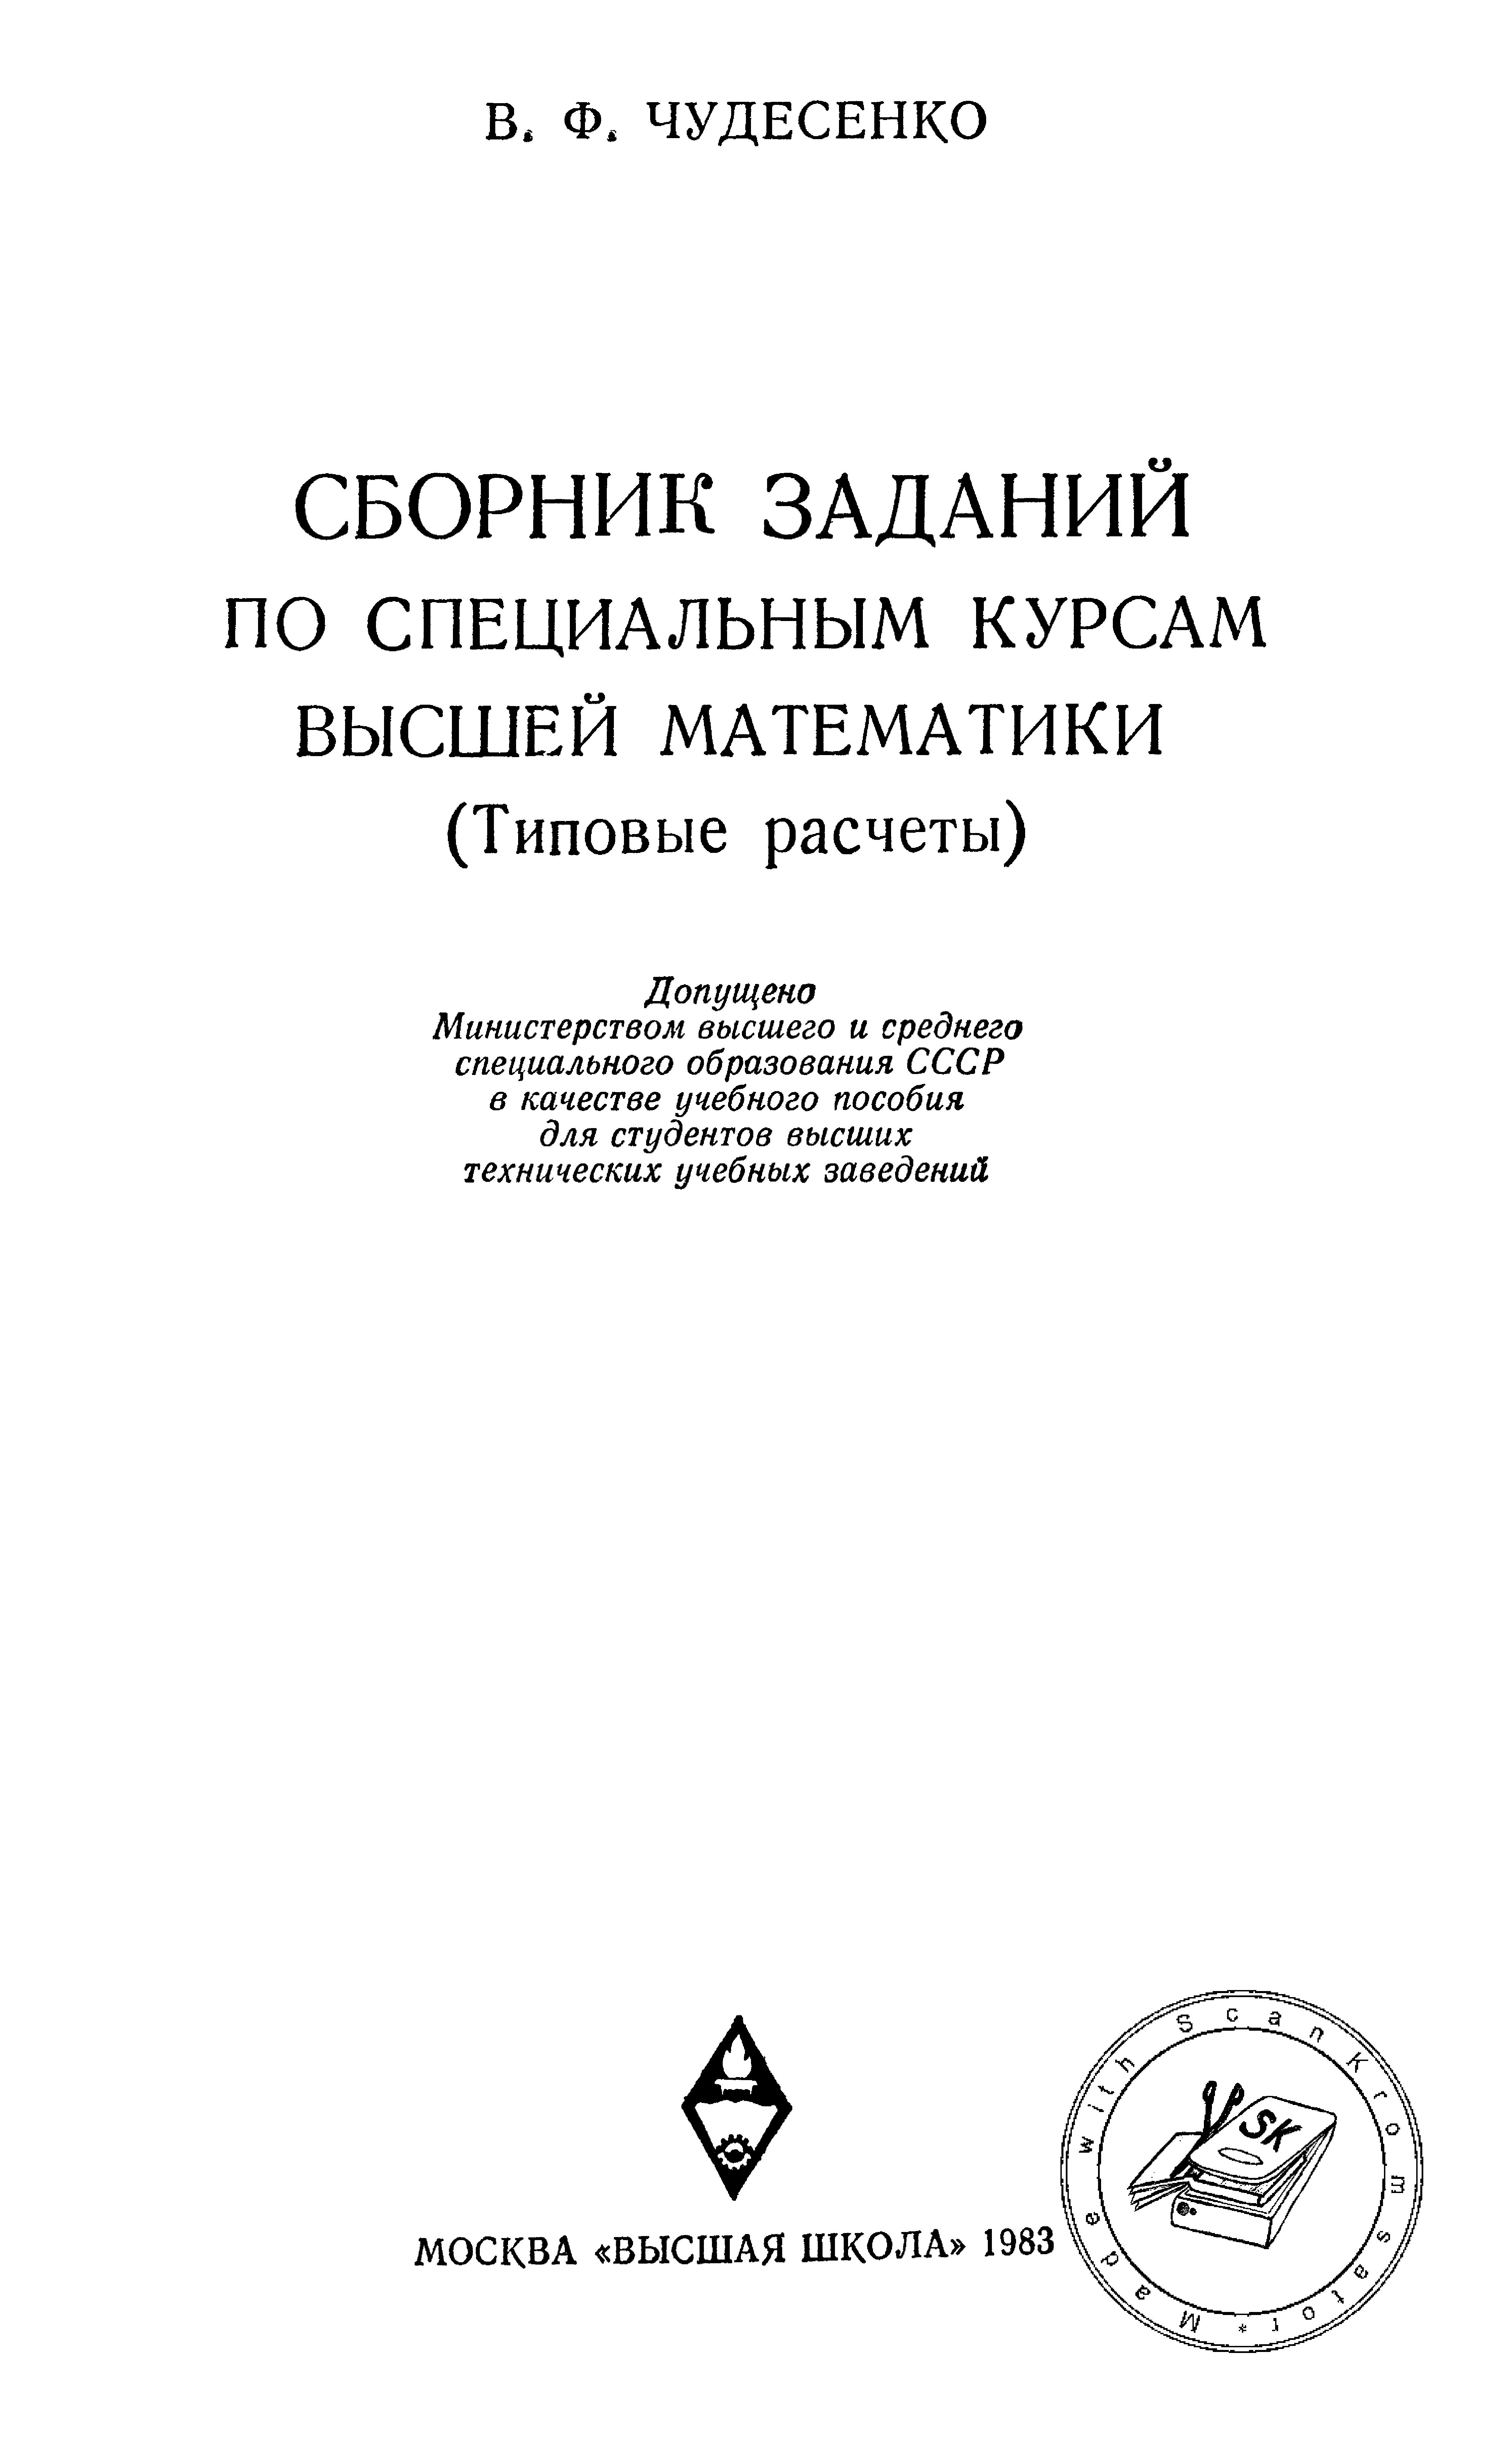 Решебник кузнецова сборник задач по высшей математике типовые расчеты